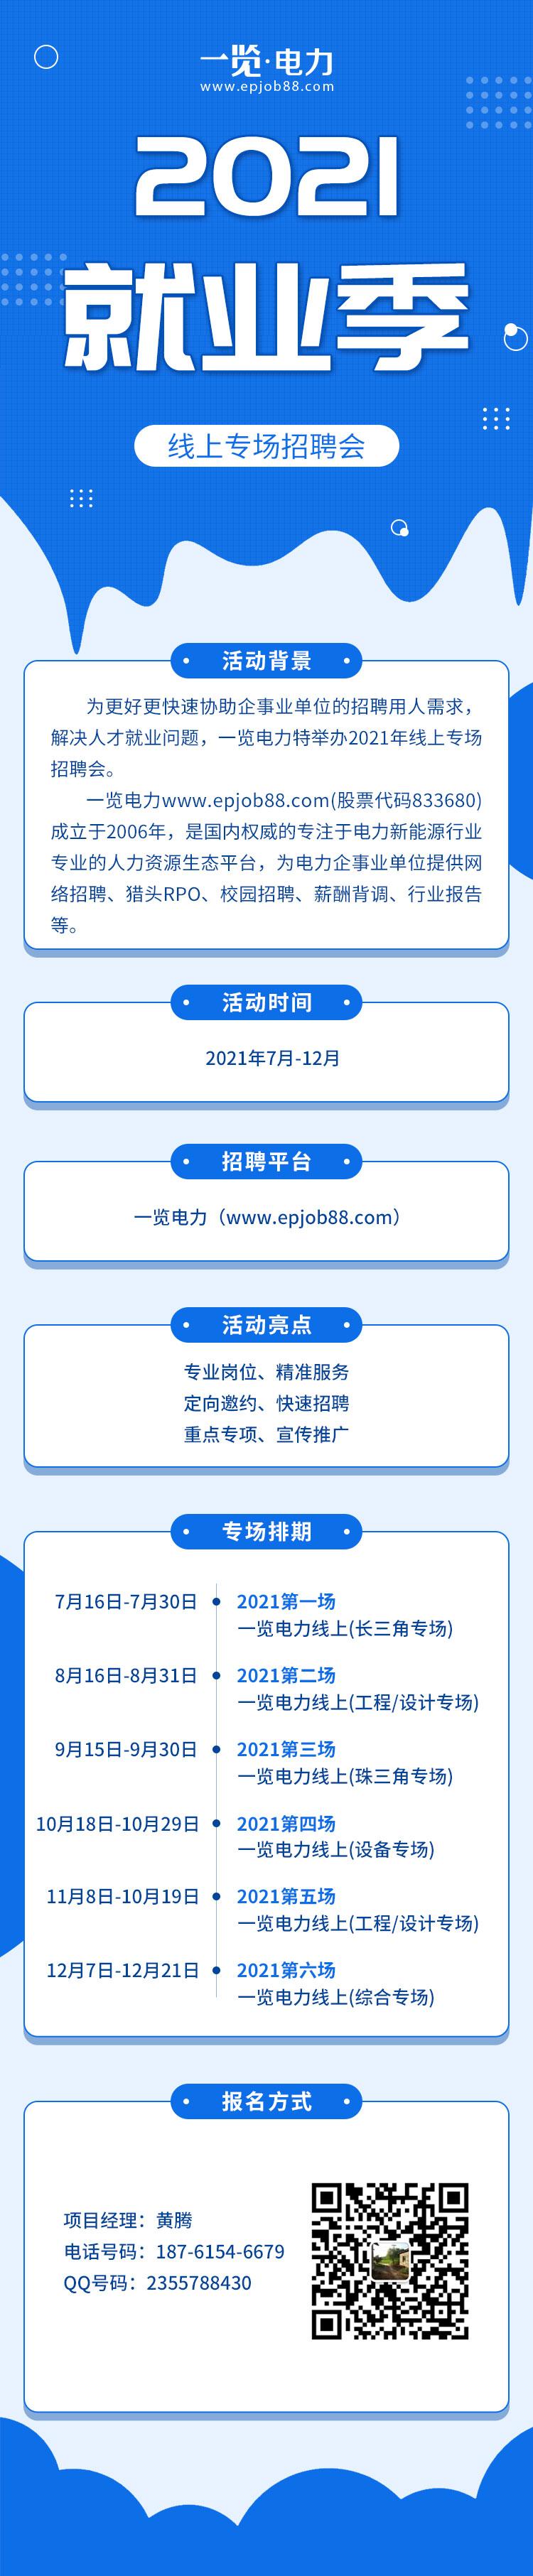 1625015768-09TSEGU.jpg